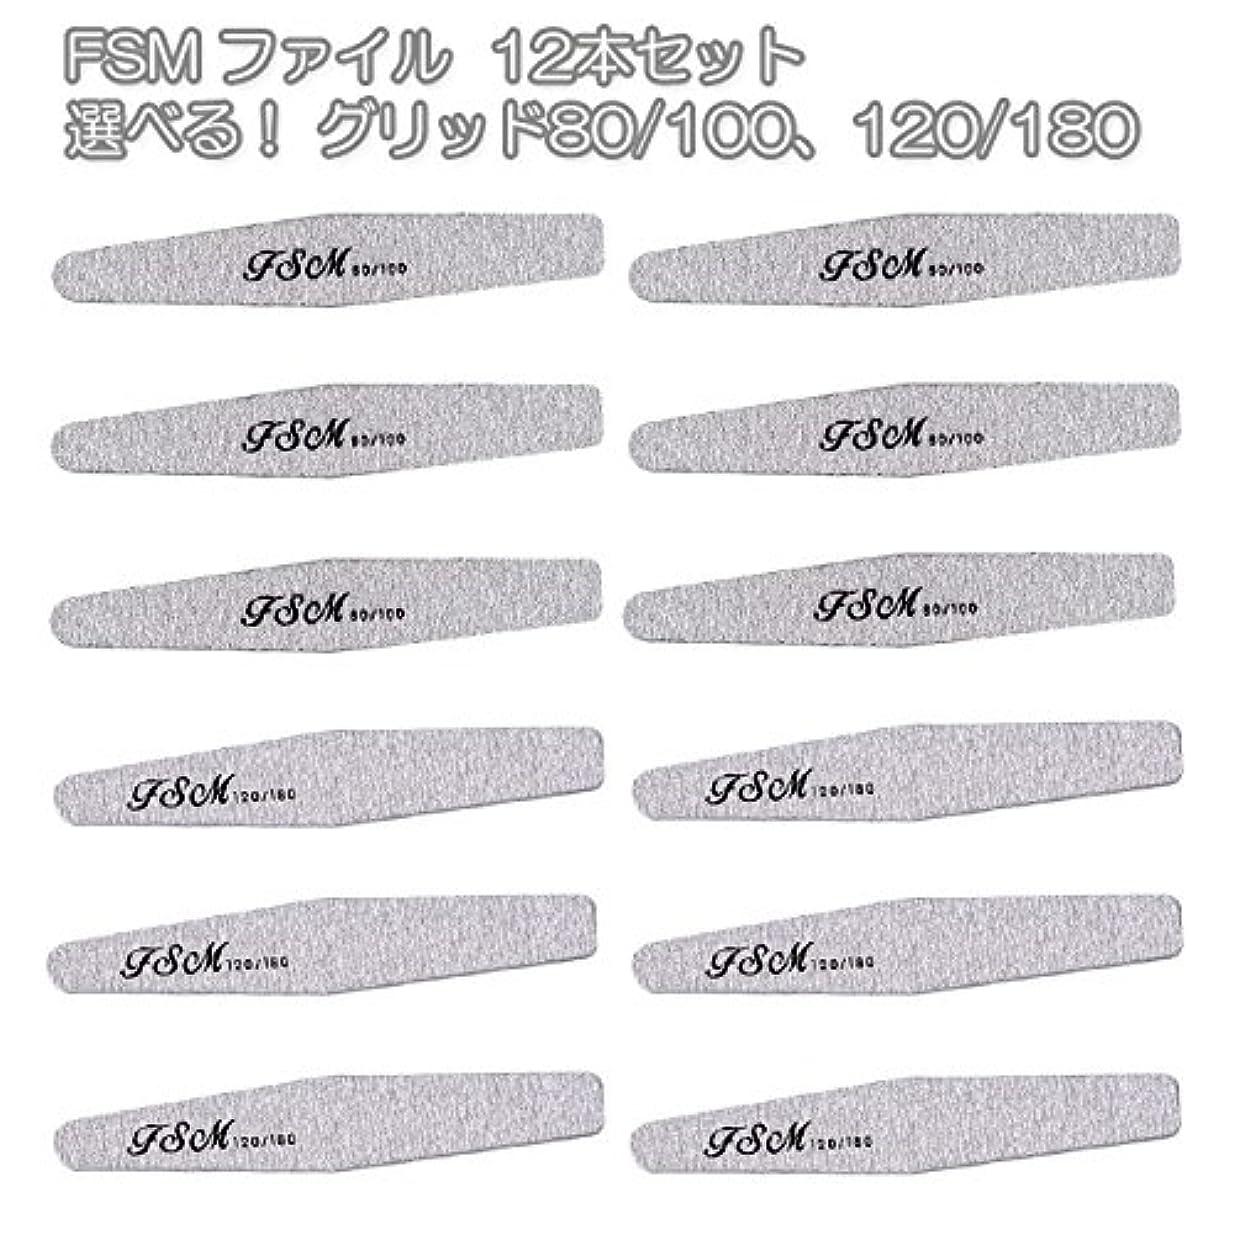 血色の良い拍車窒素FSM ネイルファイル/バッファー12本セット(選べる!グリッド80/100、120/180) (G80/100の12本)